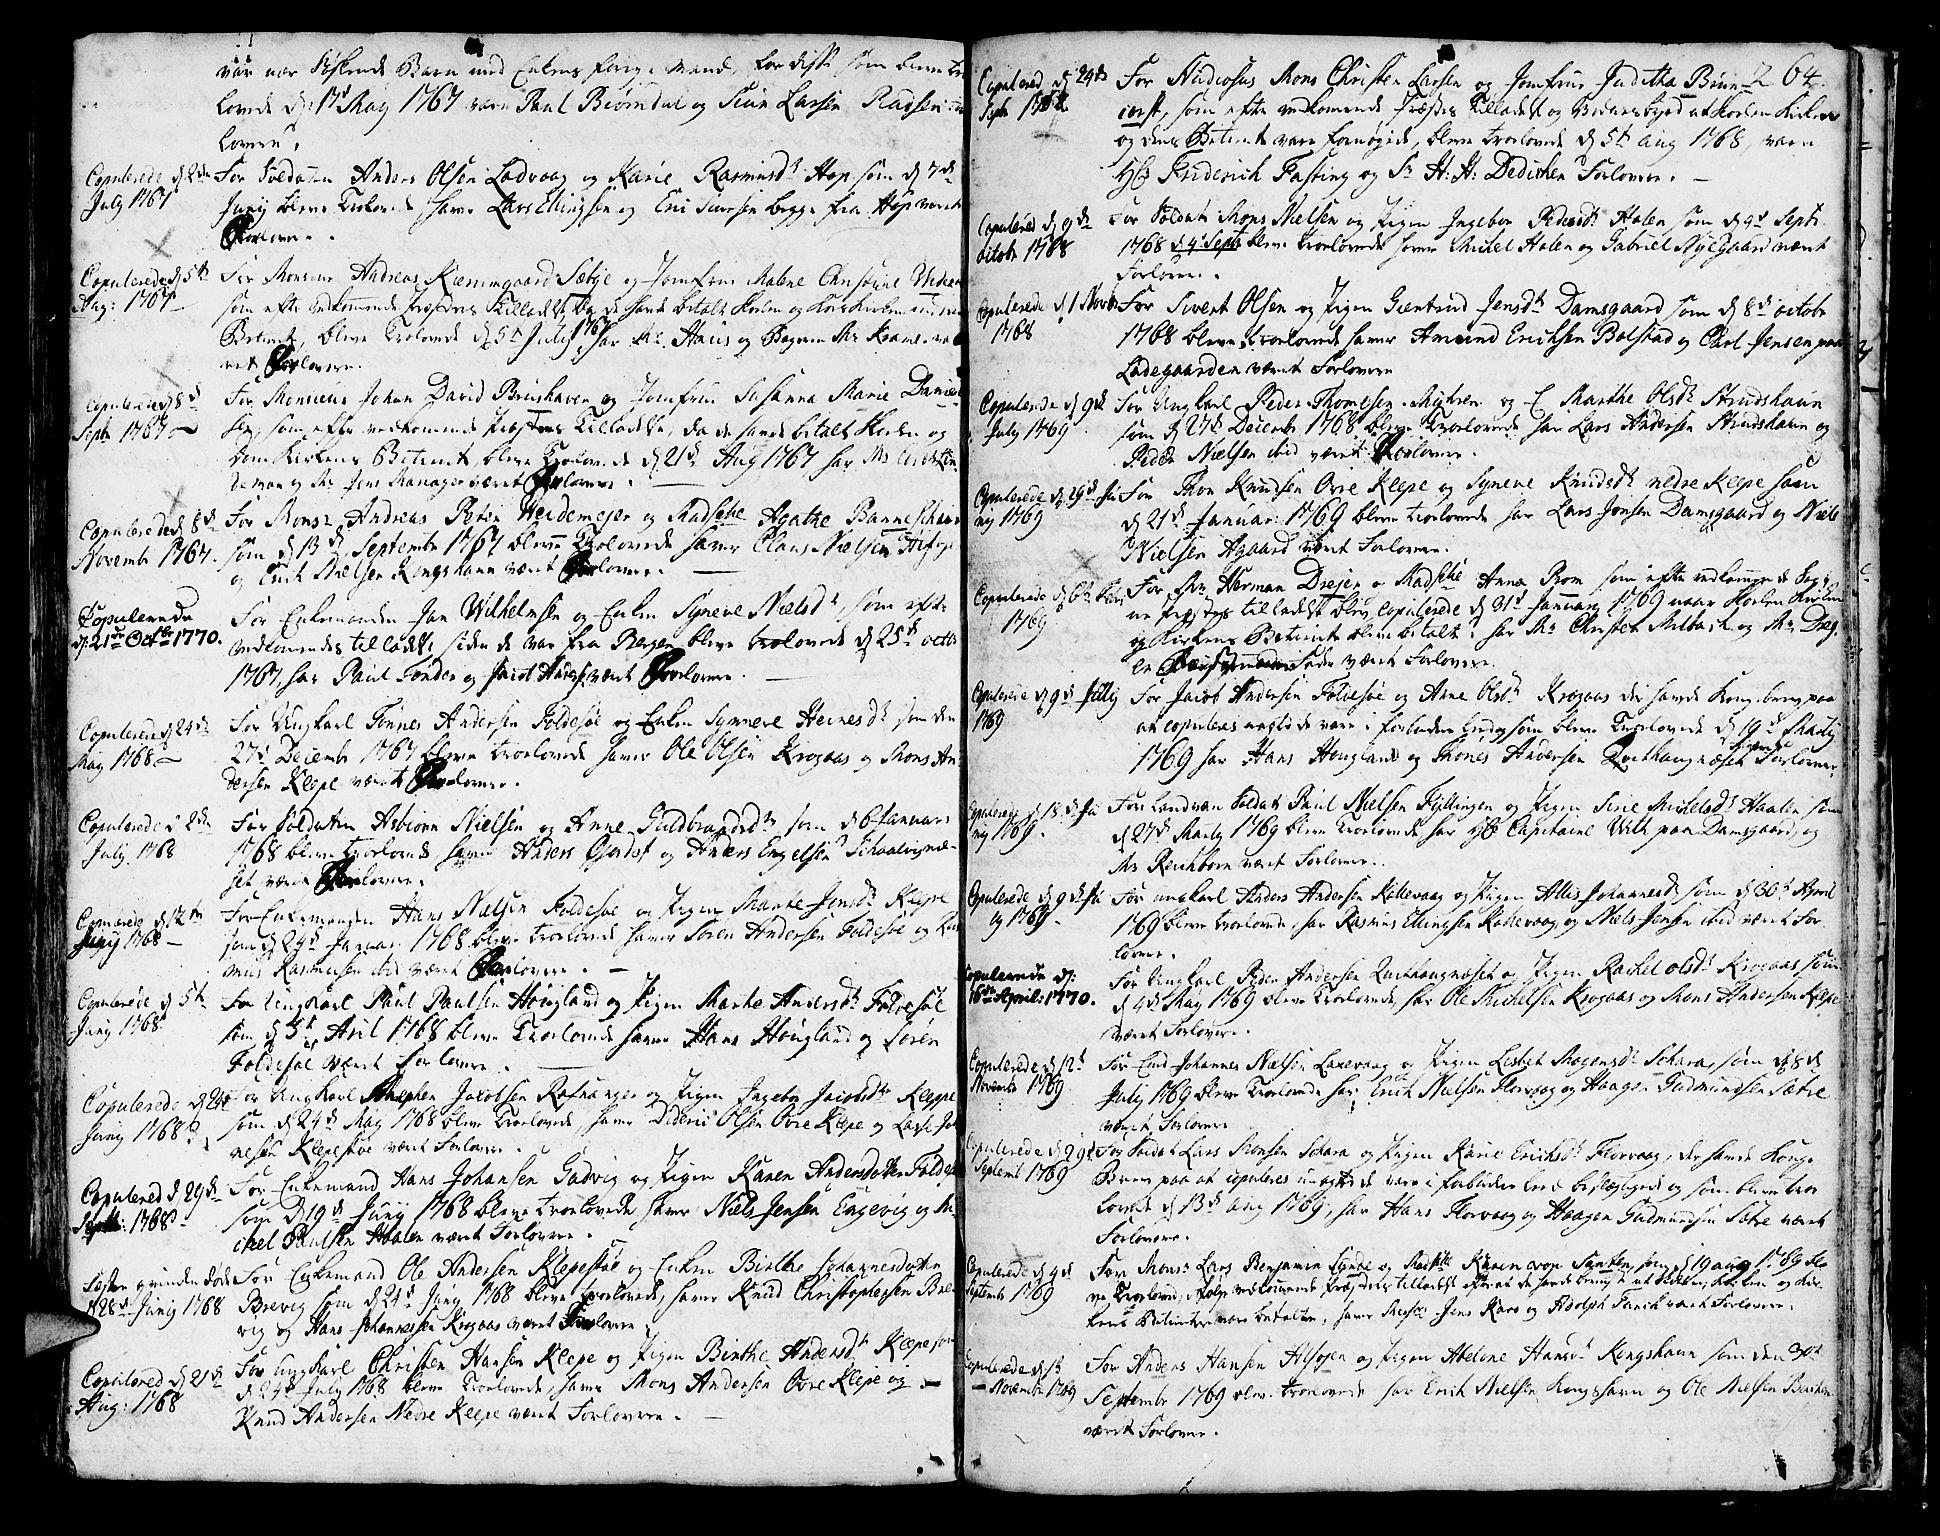 SAB, Askøy Sokneprestembete, H: Ministerialbok nr. A 1, 1742-1818, s. 264